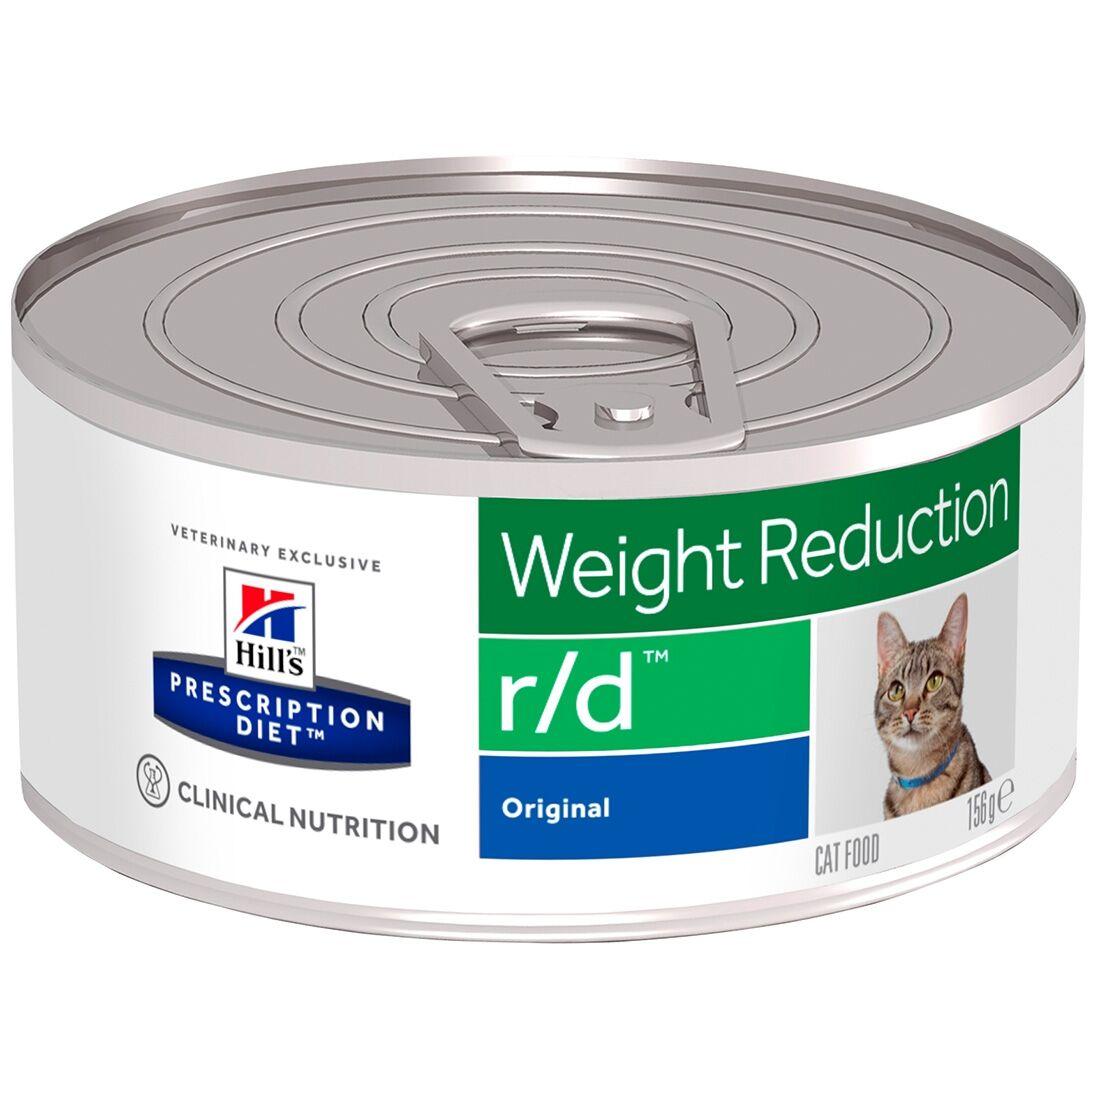 Hill's Prescription Diet Boîtes Hill's Prescription Diet Feline r/d Contenance : 24 boîtes de 156 g